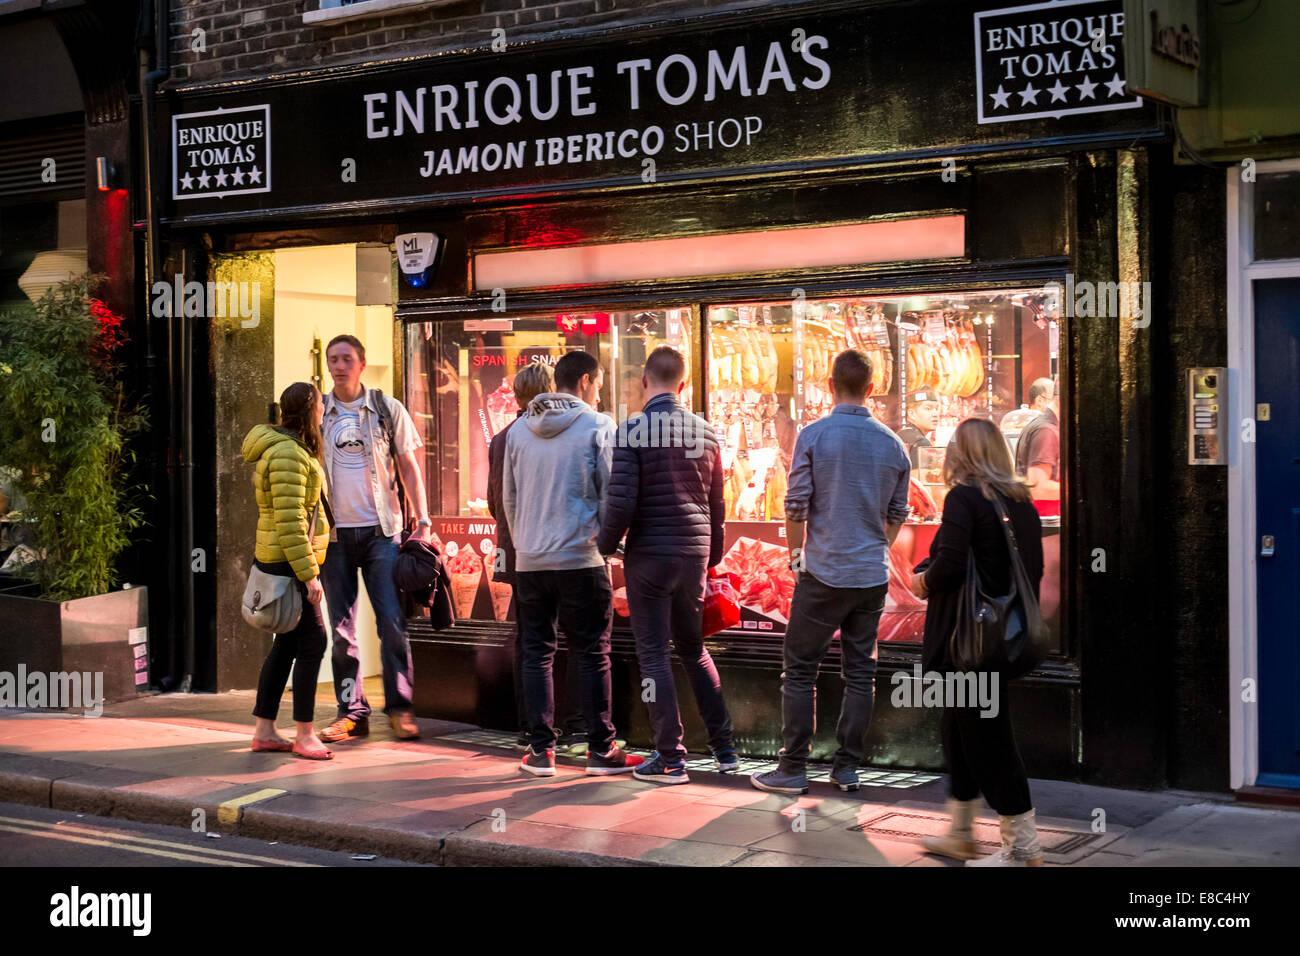 Wardour Street, Soho, London, United Kingdom - Stock Image